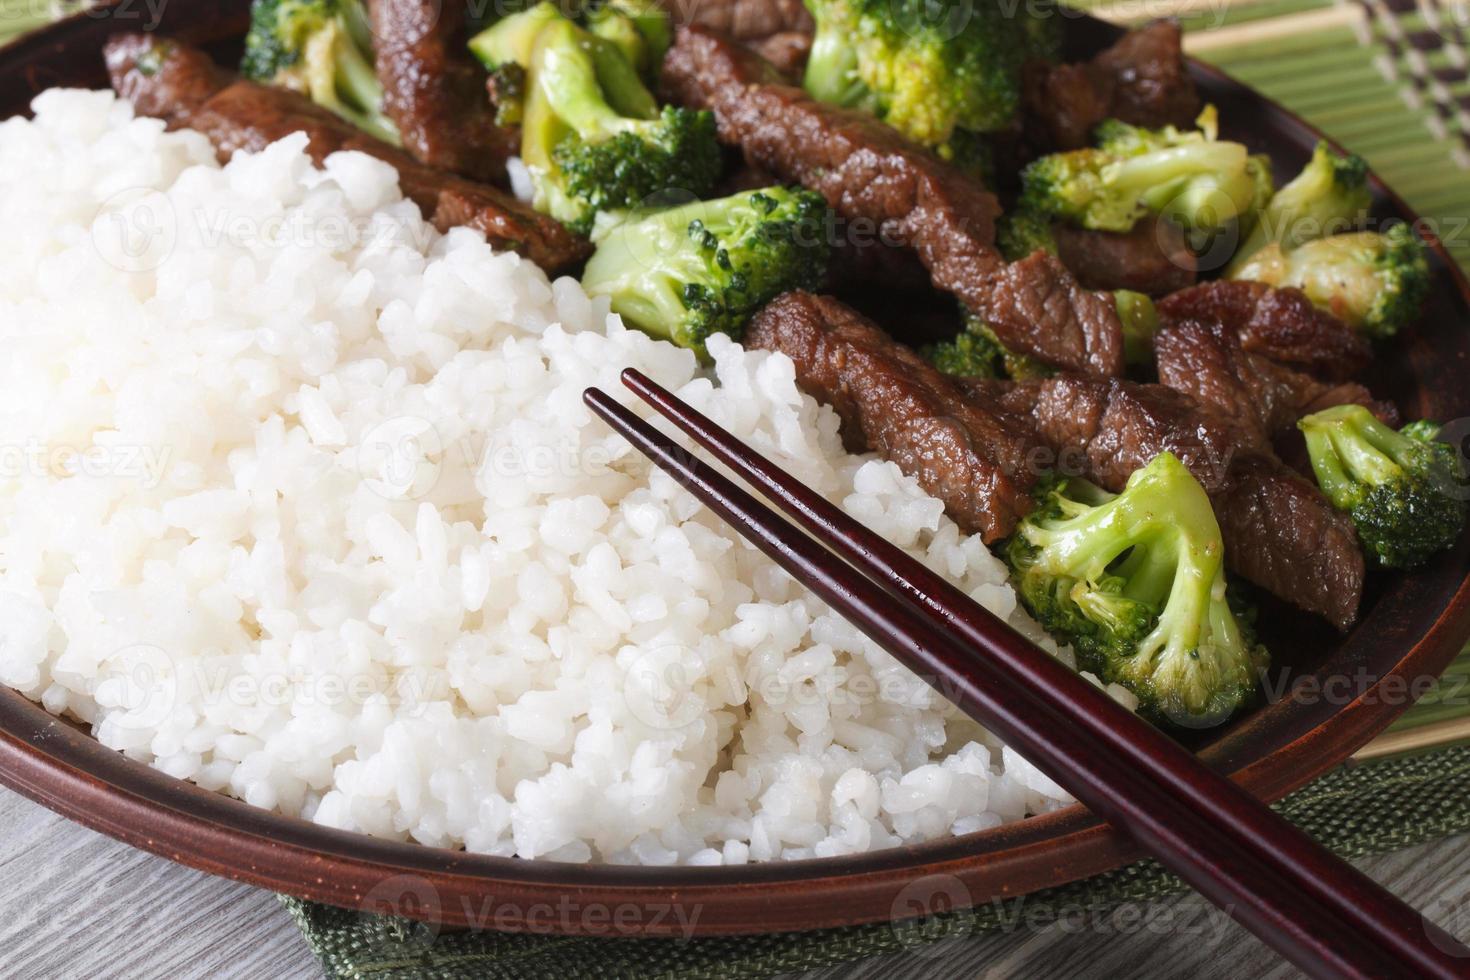 asiatiskt nötkött med broccoli och rismakro. horisontell foto